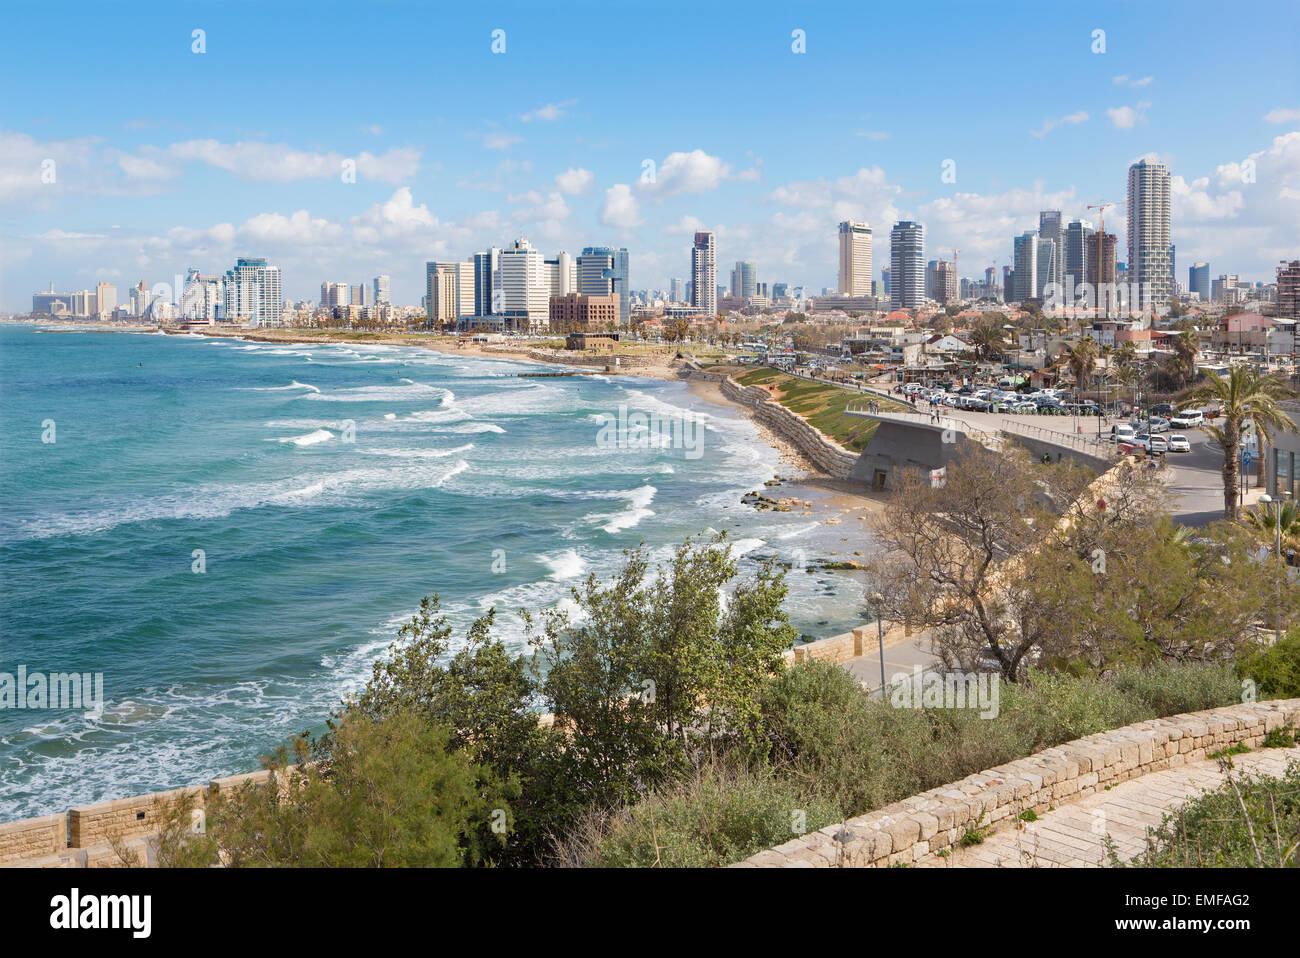 TEL AVIV, ISRAEL - Marzo 2, 2015: Las perspectivas de la costanera y de la ciudad vieja de Jaffa Imagen De Stock